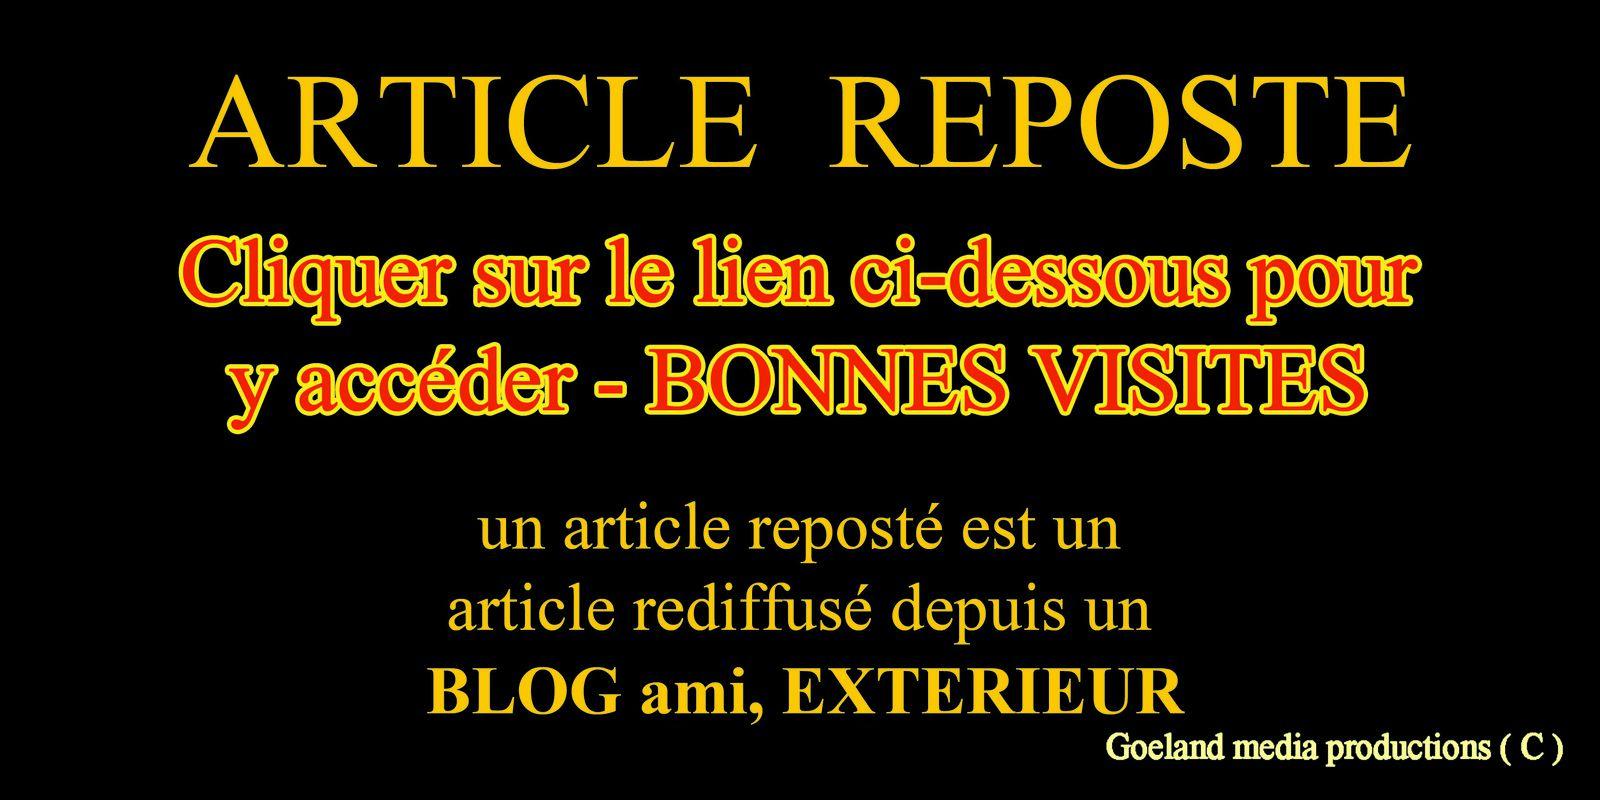 CLIQUEZ sur le LIEN CI-DESSOUS pour accéder à l'article d'origine - goelandmedia.prod@gmail.com (c)